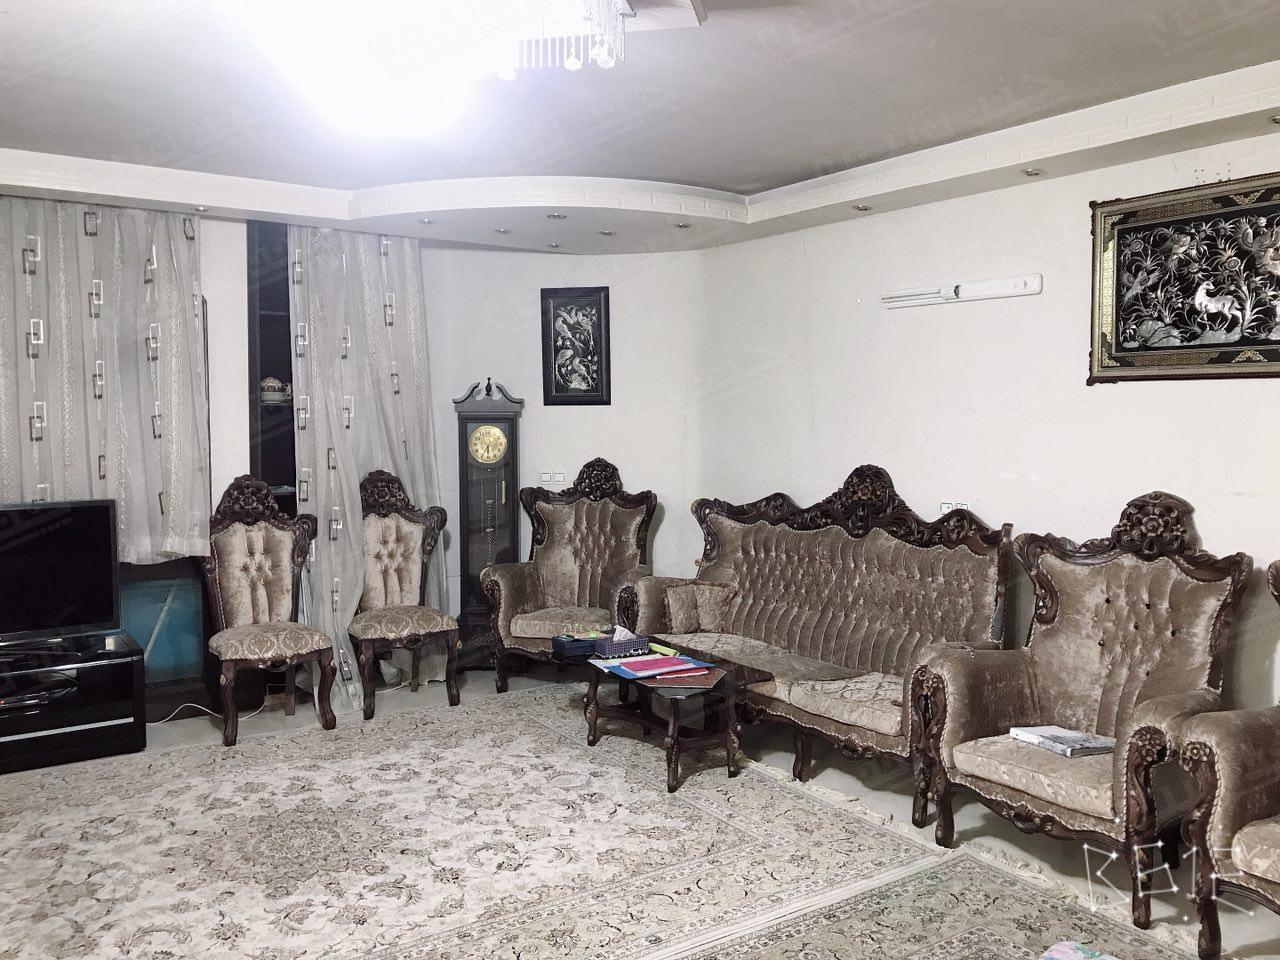 اجاره سوئیت ماهانه در اصفهان بسیار تمیز - 214